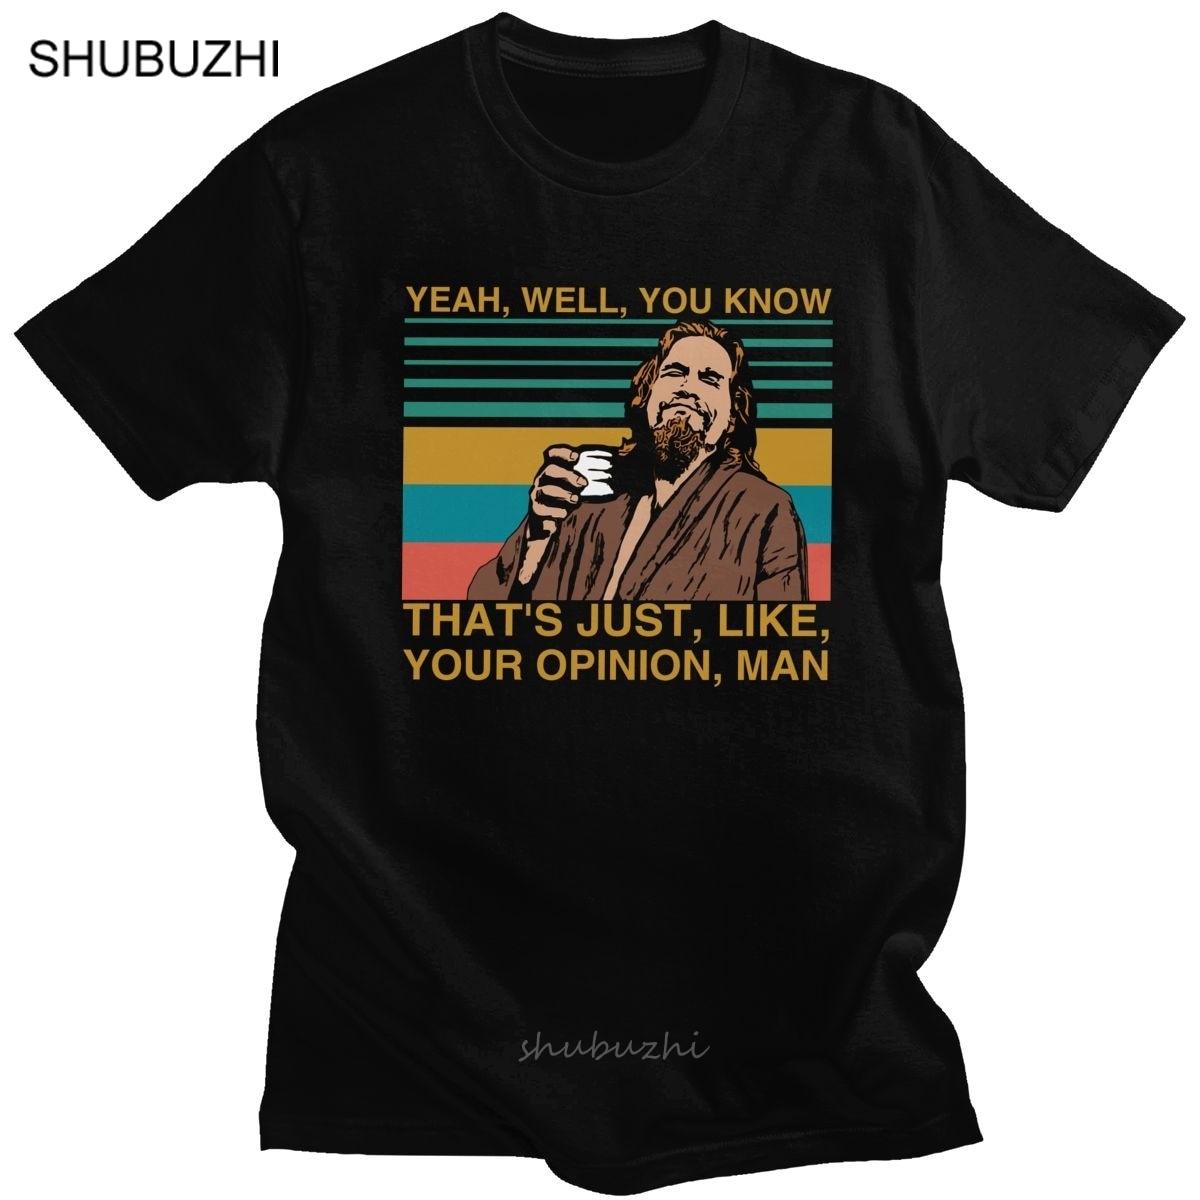 Camiseta de manga corta de algodón Vintage The Dude, Big, Camiseta de algodón de manga corta, Sí, bueno, ya sabes que es como tu opinión, camiseta para hombre